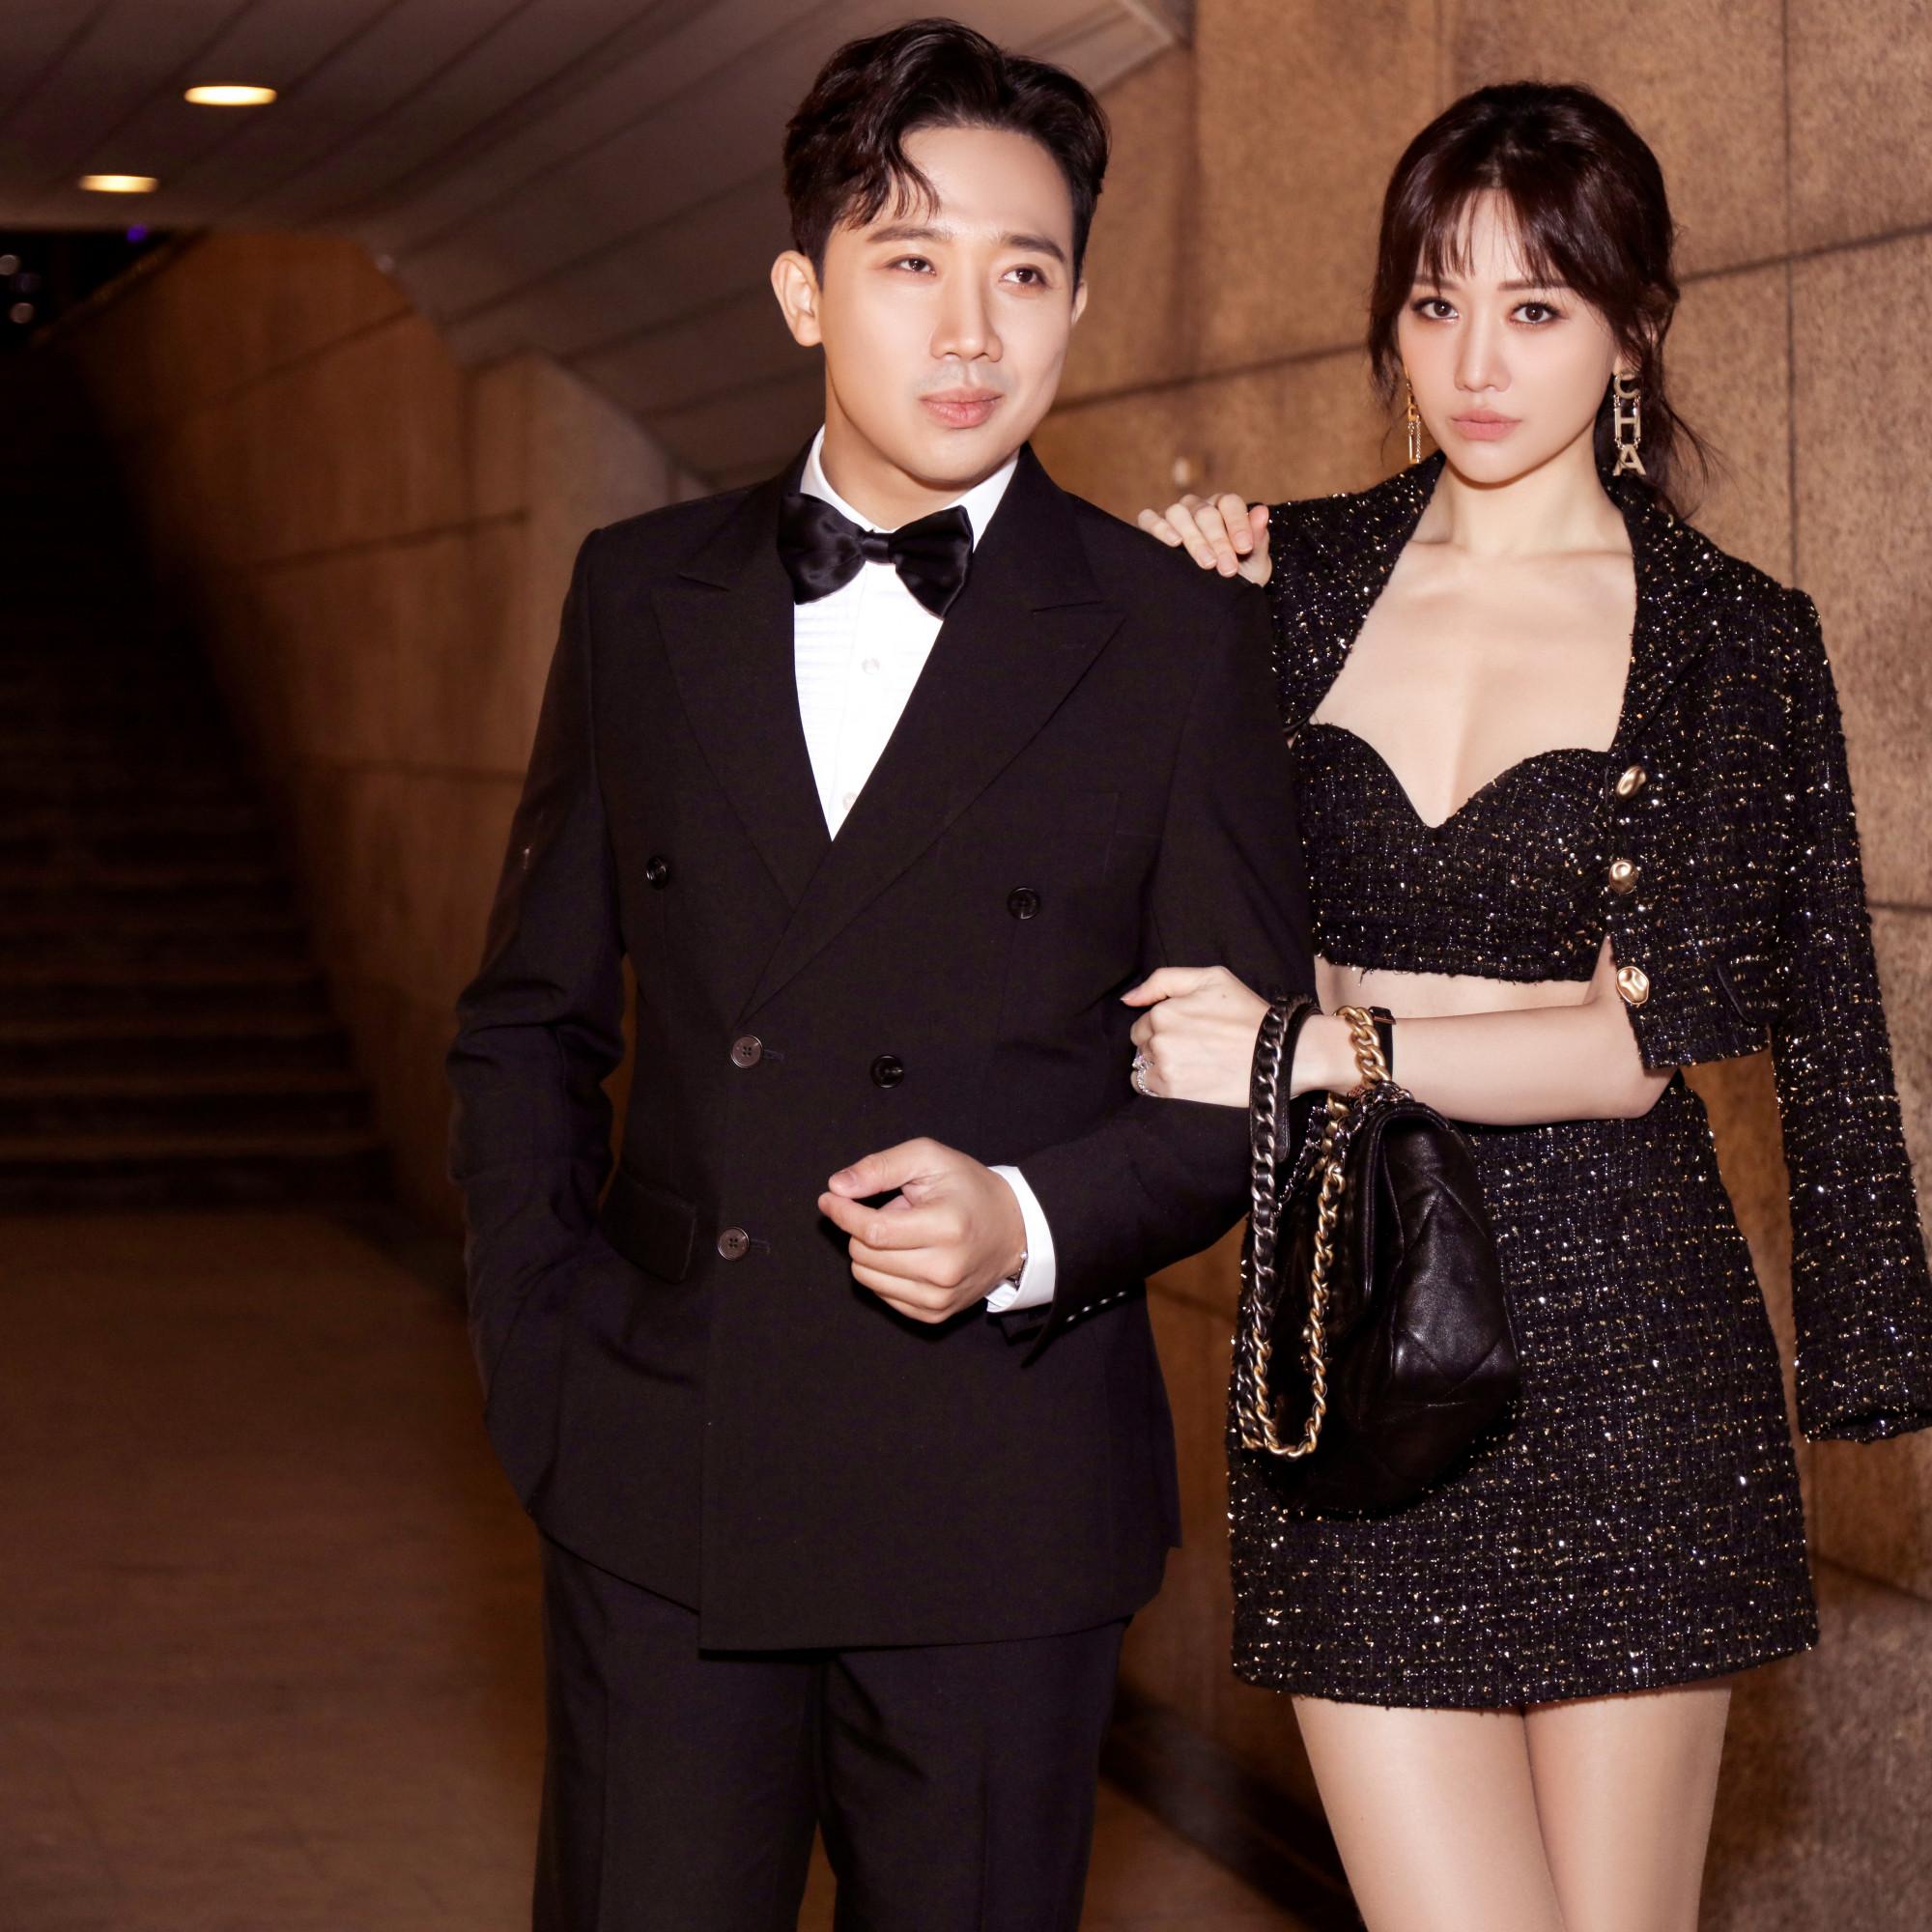 Không chỉ nổi tiếng về tài năng, Trấn Thành - Hari Won còn được yêu thích nhờ gu thời trang thanh lịch, quyến rũ. Cặp đôi thường xuyên diện những bộ cánh cầu kỳ, hài hòa về màu sắc trong các sự kiện hay đi chơi cùng bạn bè,